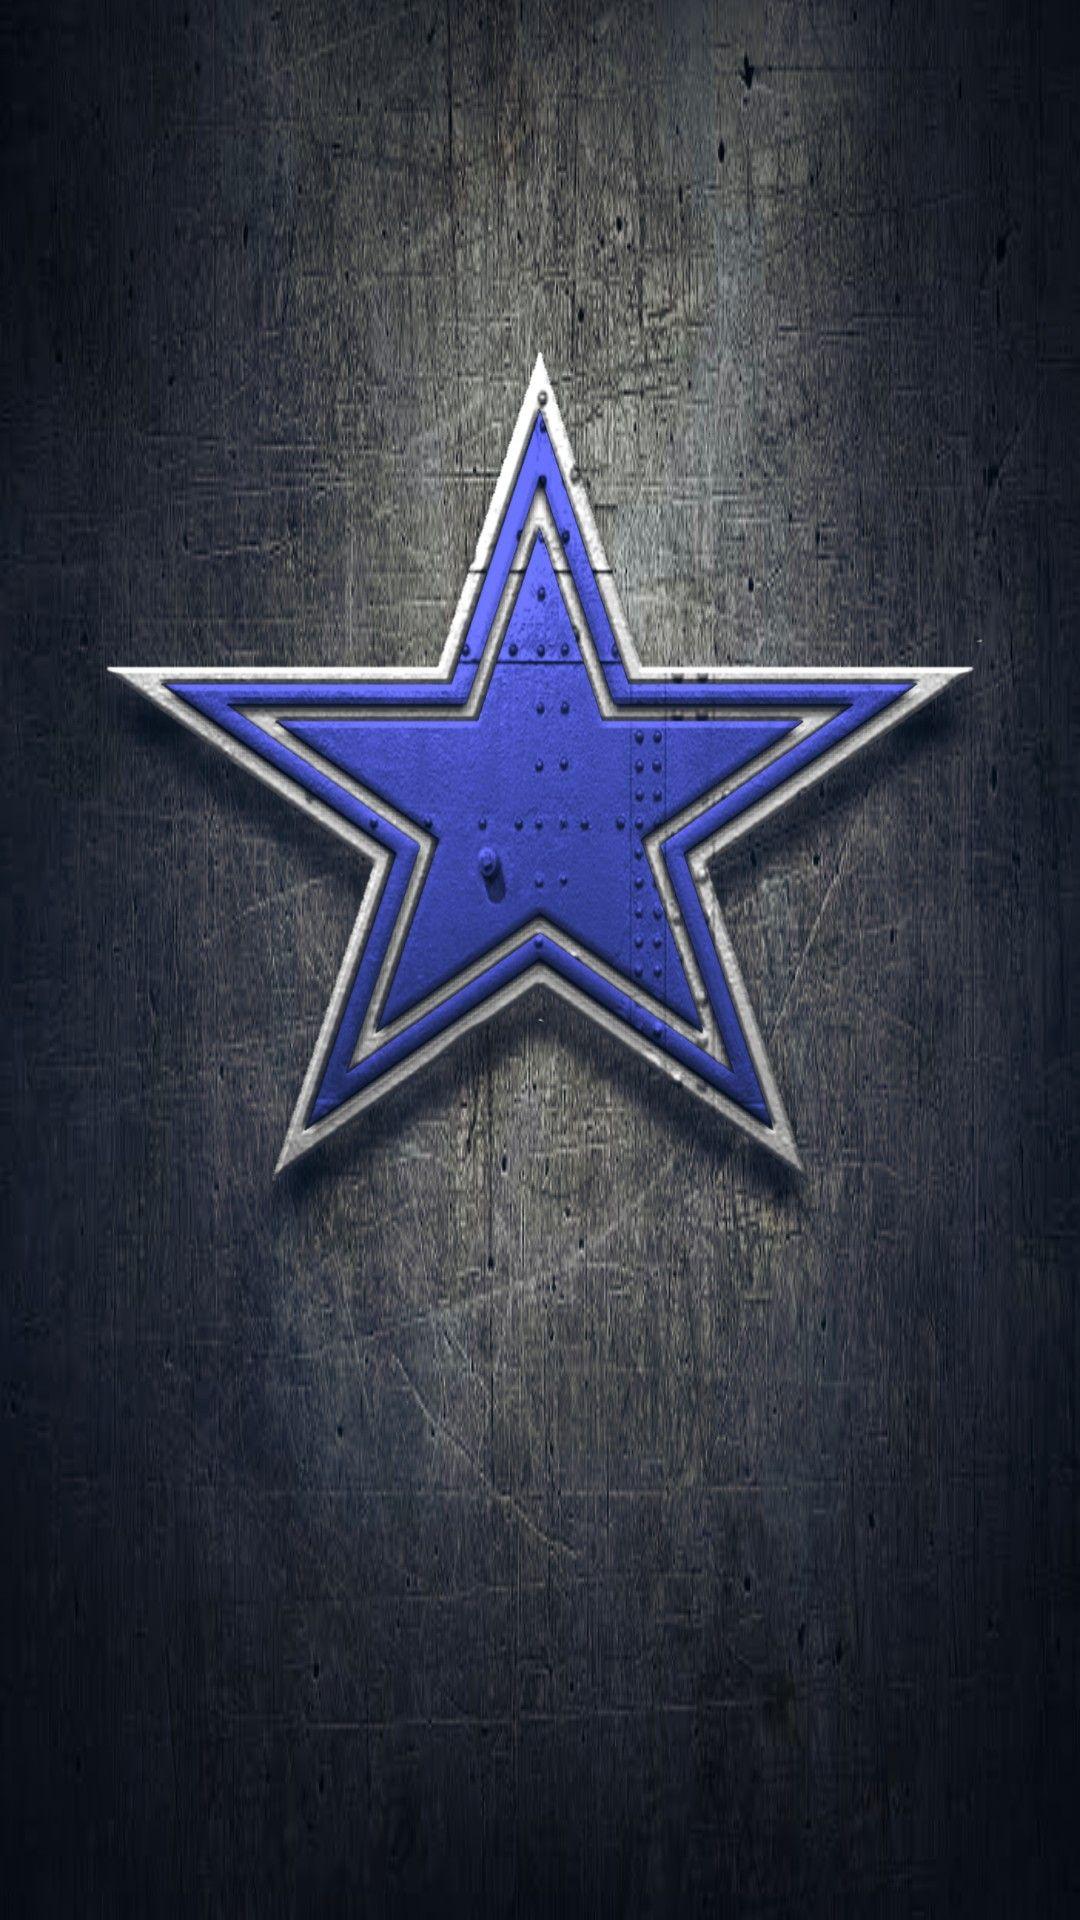 Nfl Dallas Cowboys Logo Wallpaper In 2020 Dallas Cowboys Logo Nfl Teams Logos Nfl Dallas Cowboys